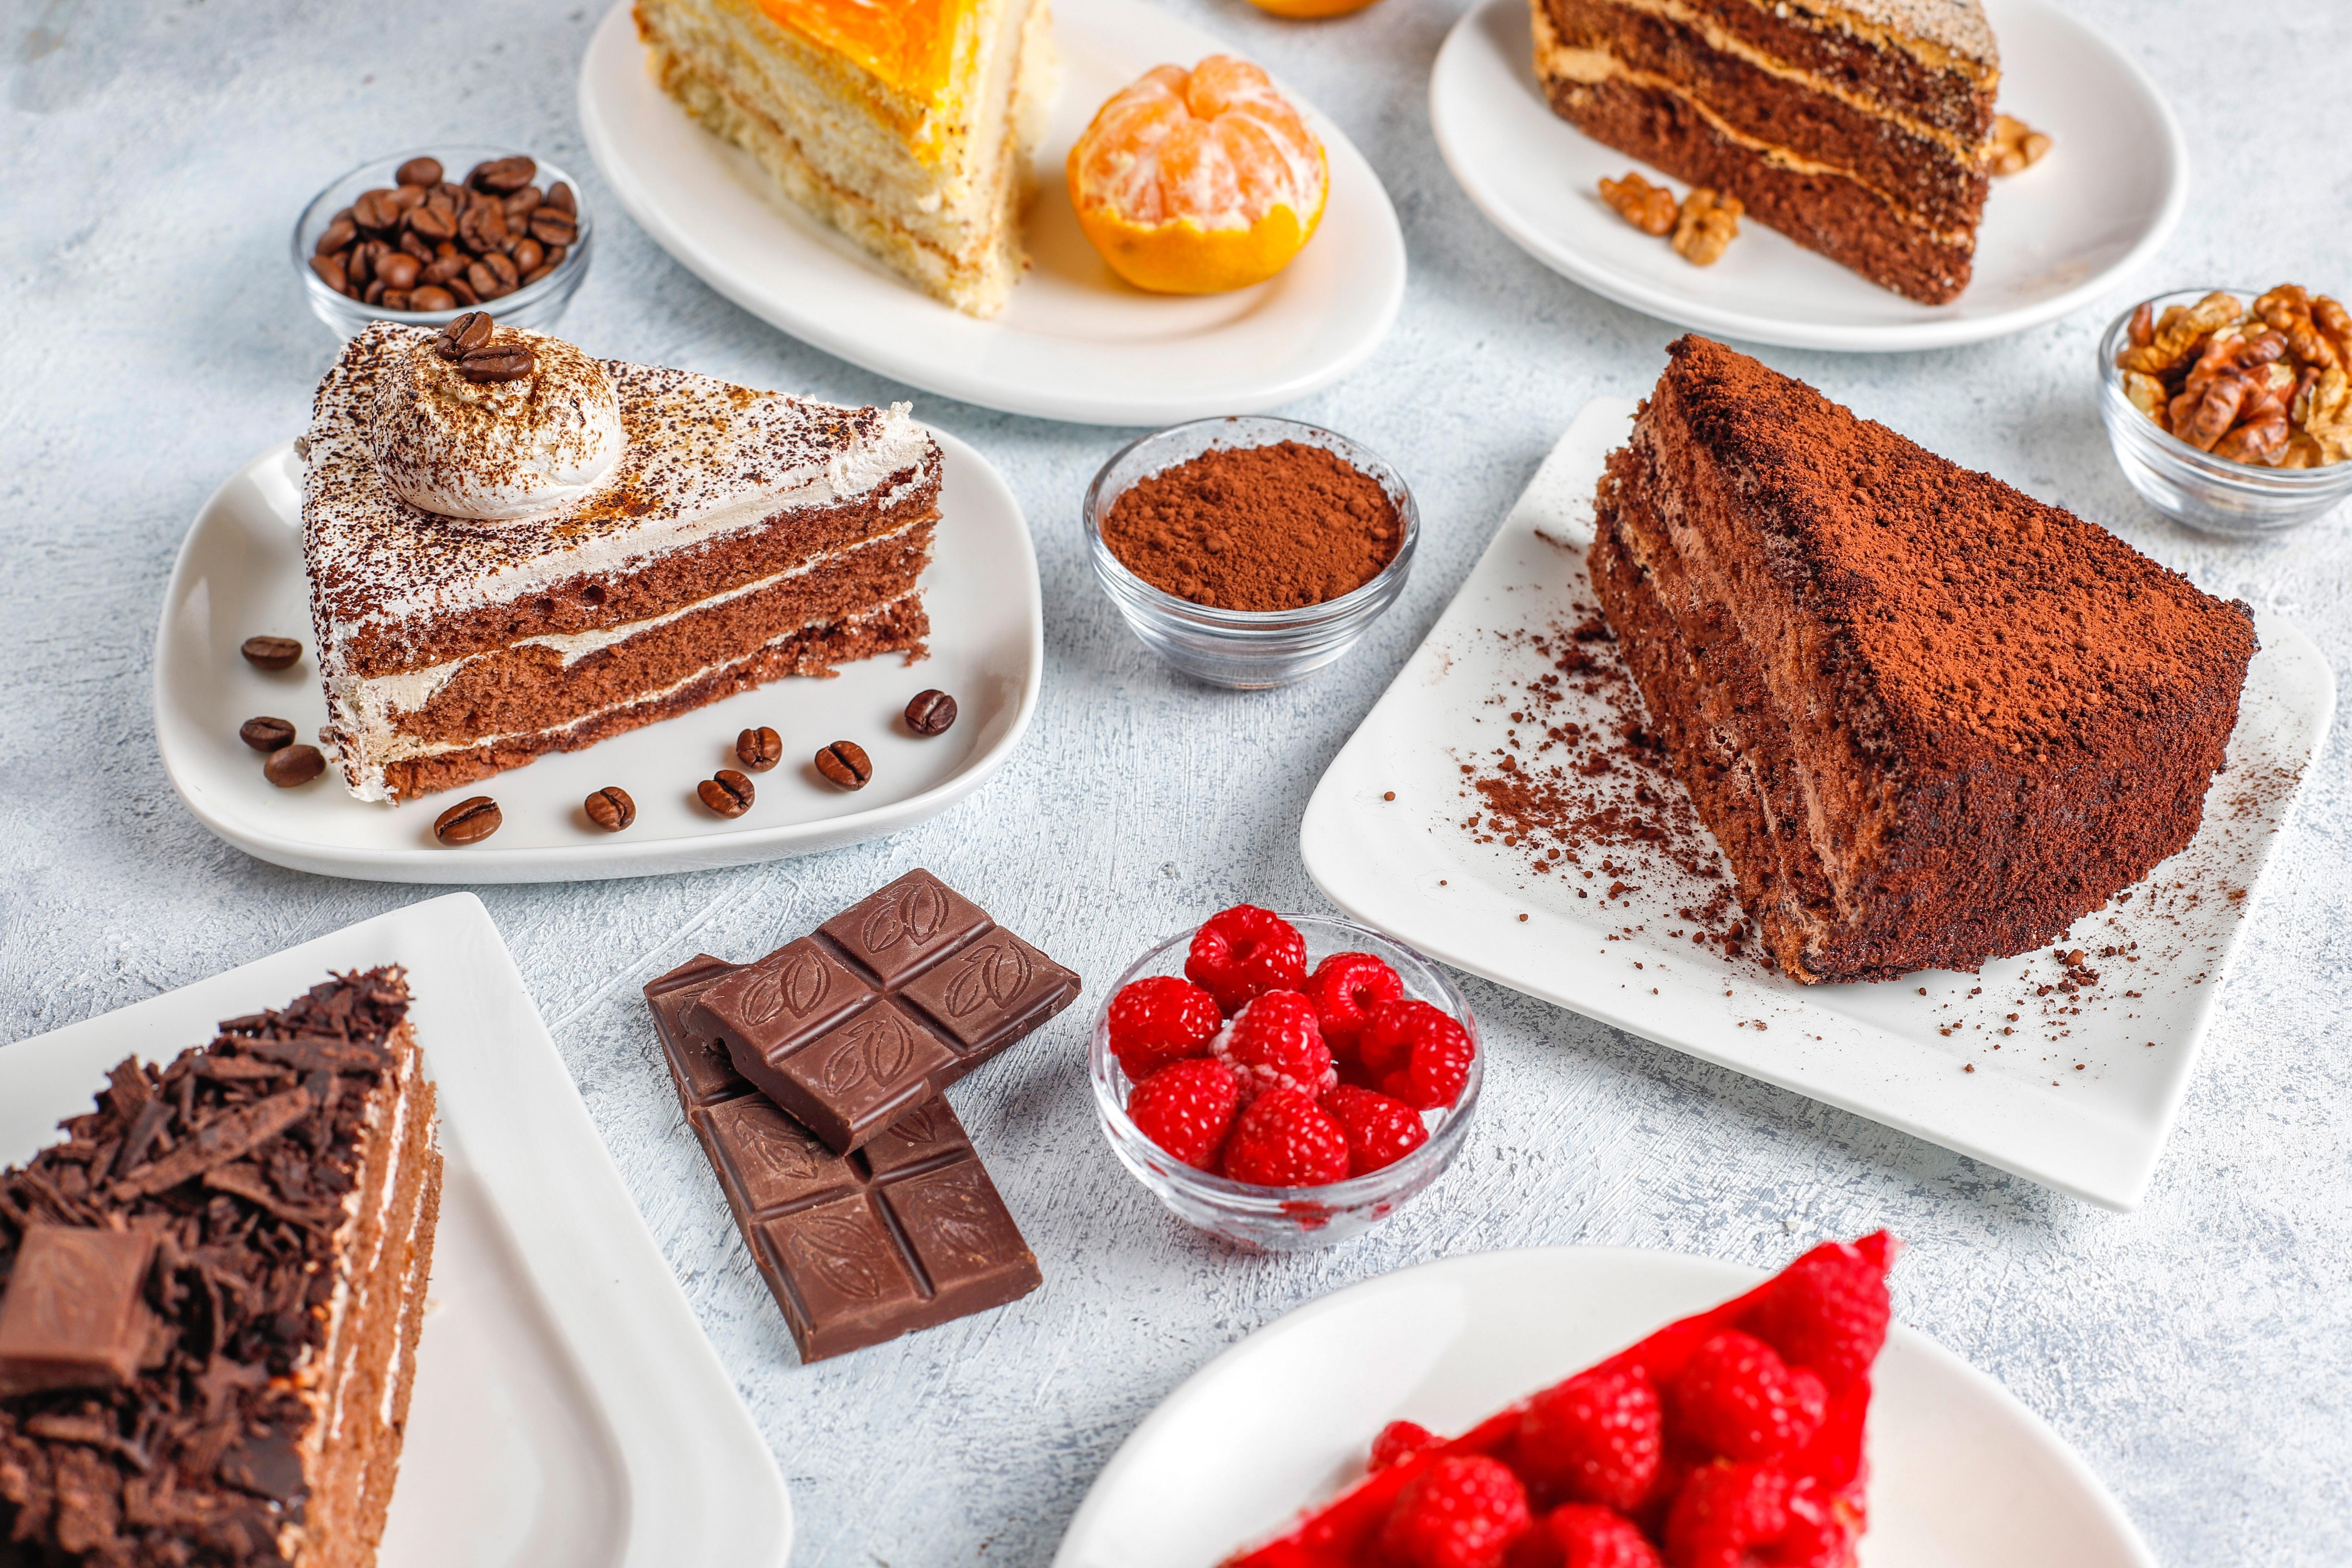 Bilde Sjokoladeplate Kake Dessert stykker Bringebær Mat Stykke